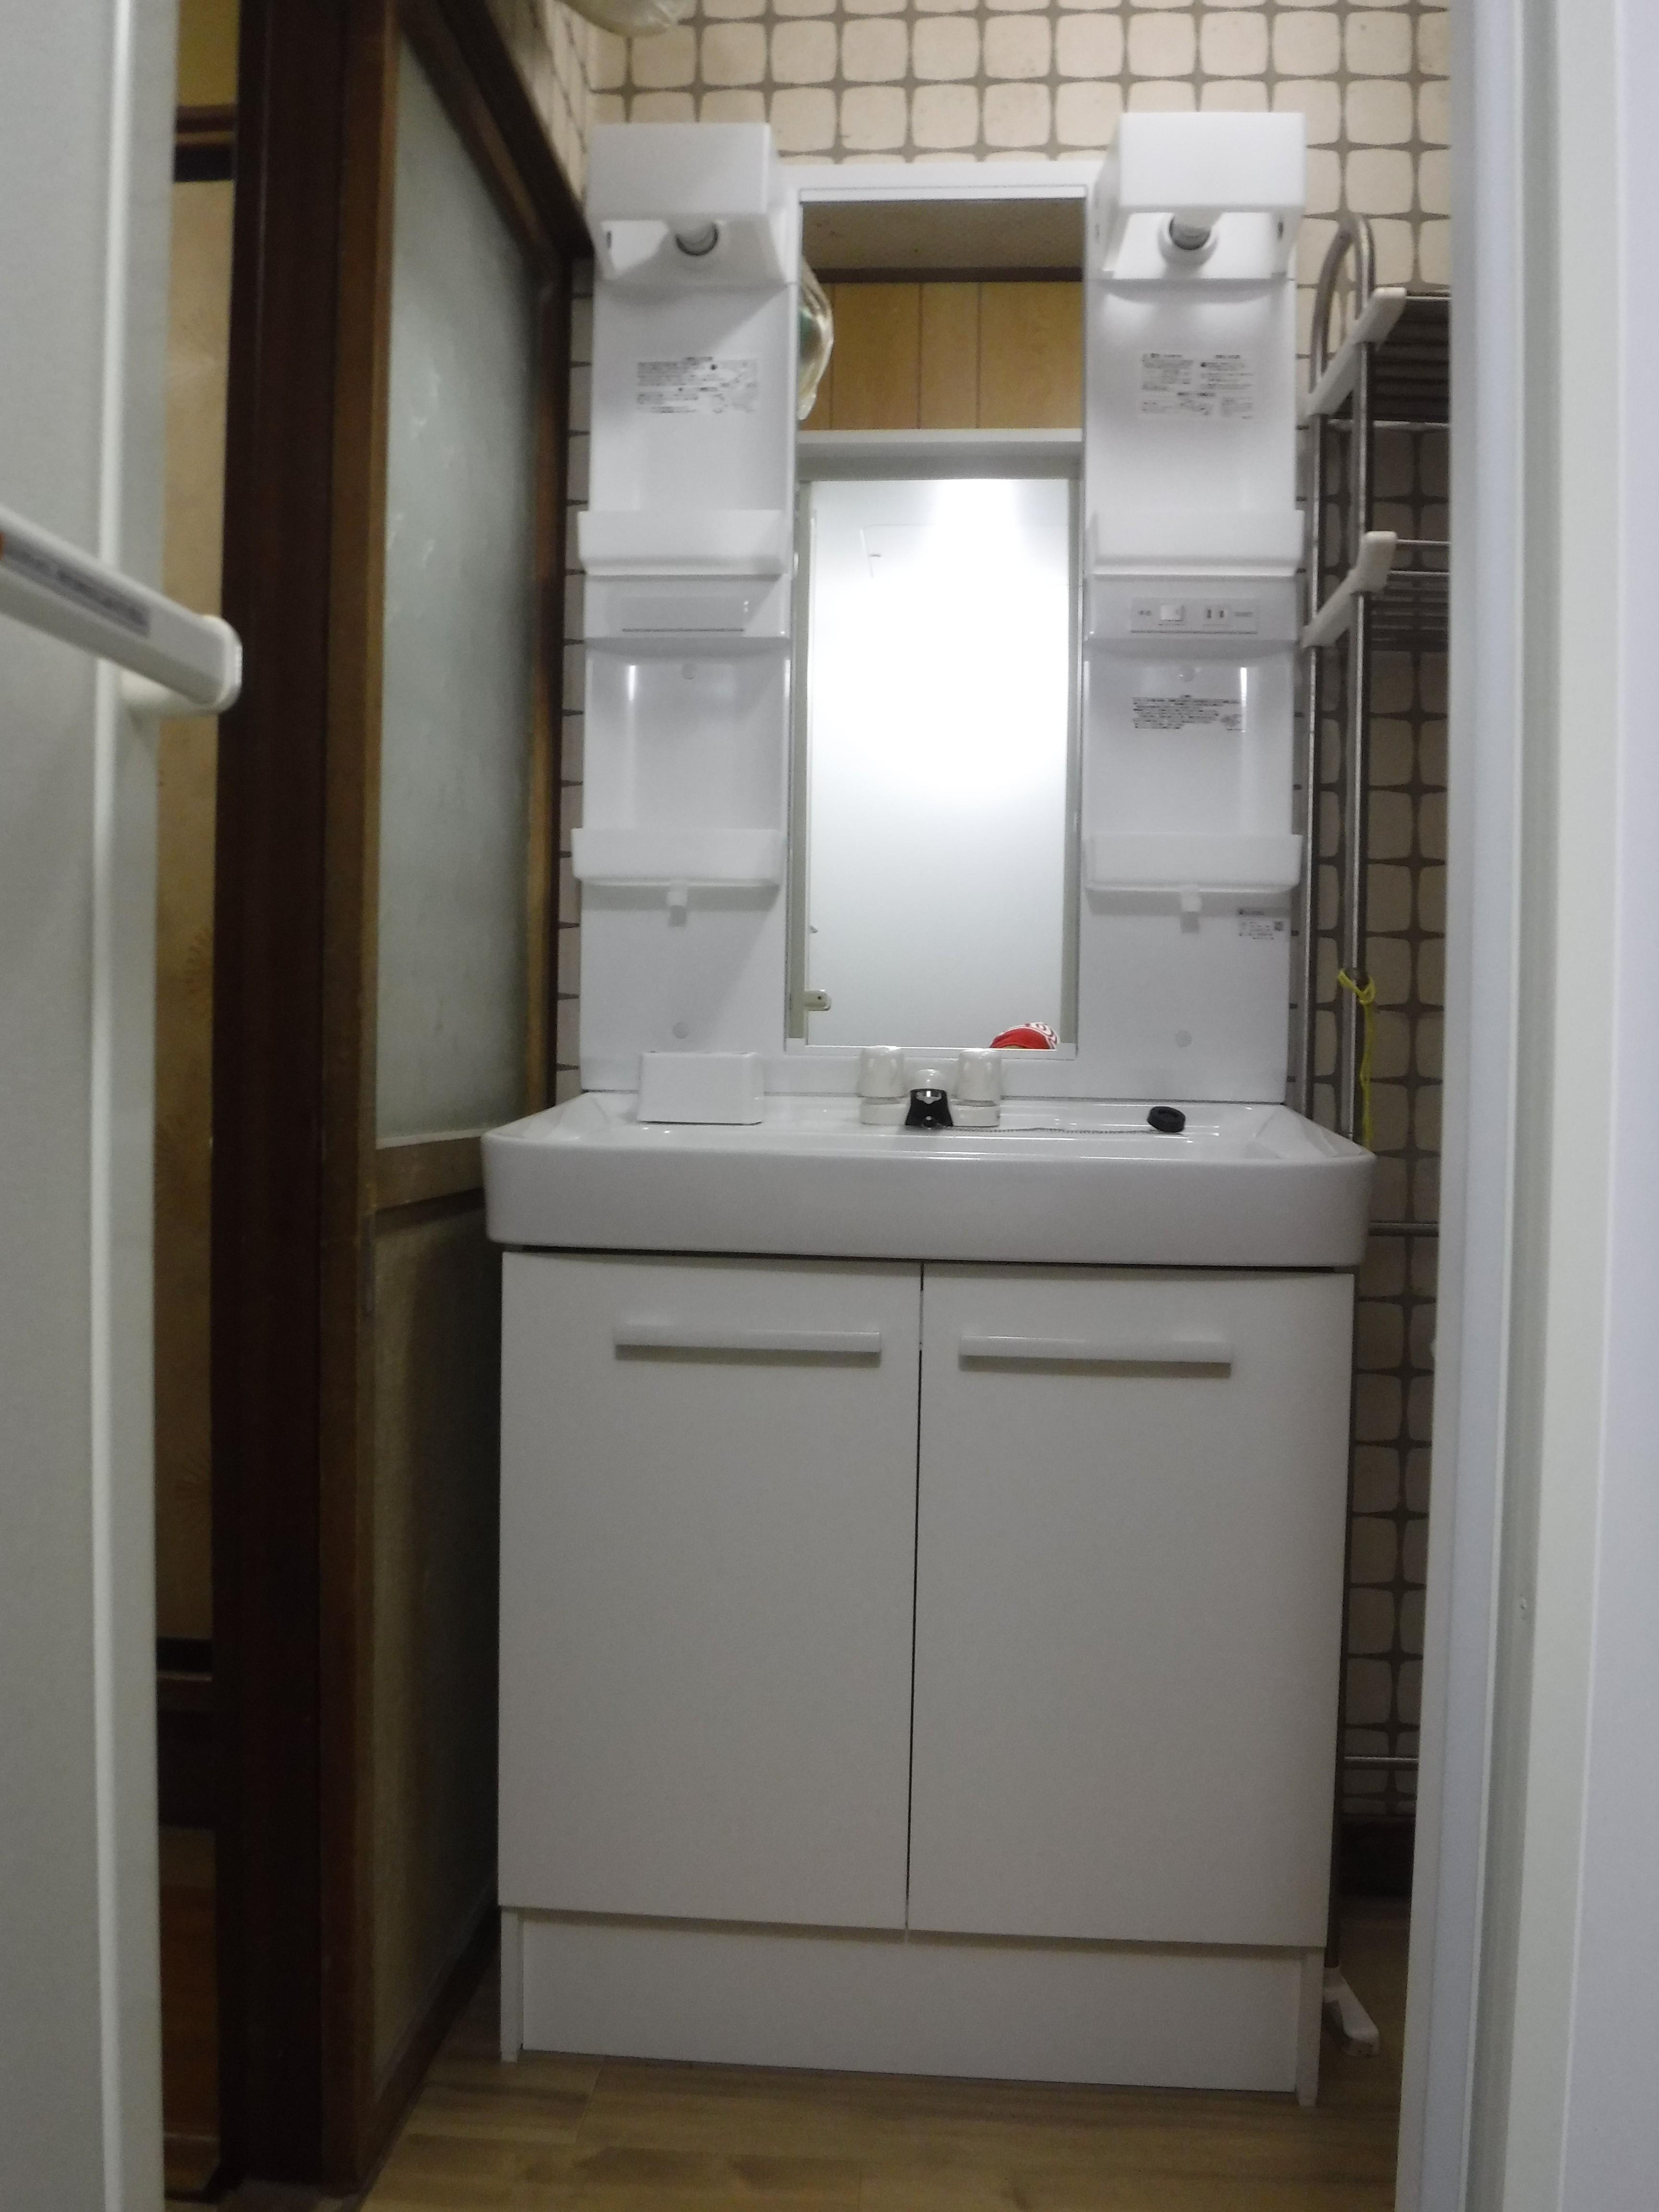 介護保険を活用して改装工事 脱衣場 洗面化粧台オフトW750